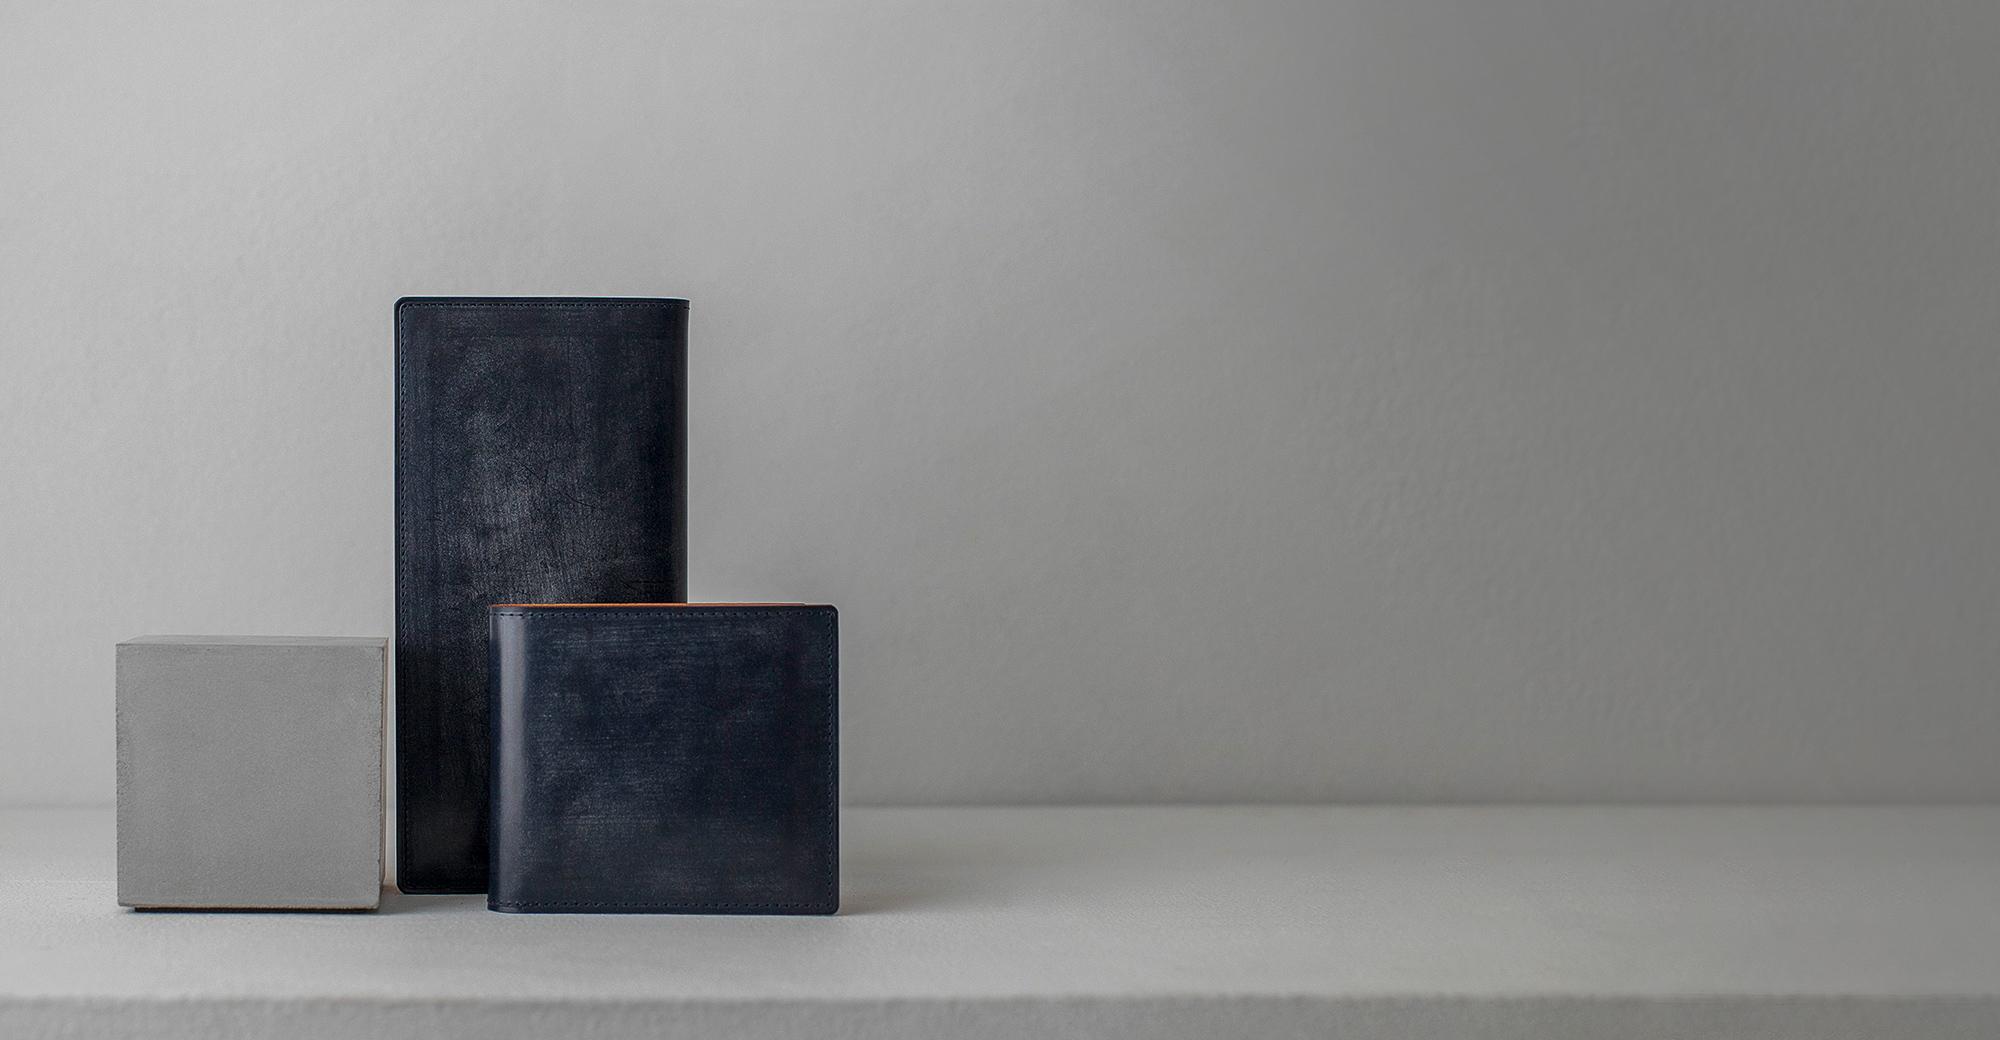 thin bridle シンブライドル 最高級のメンズ革製品 ganzo ガンゾ